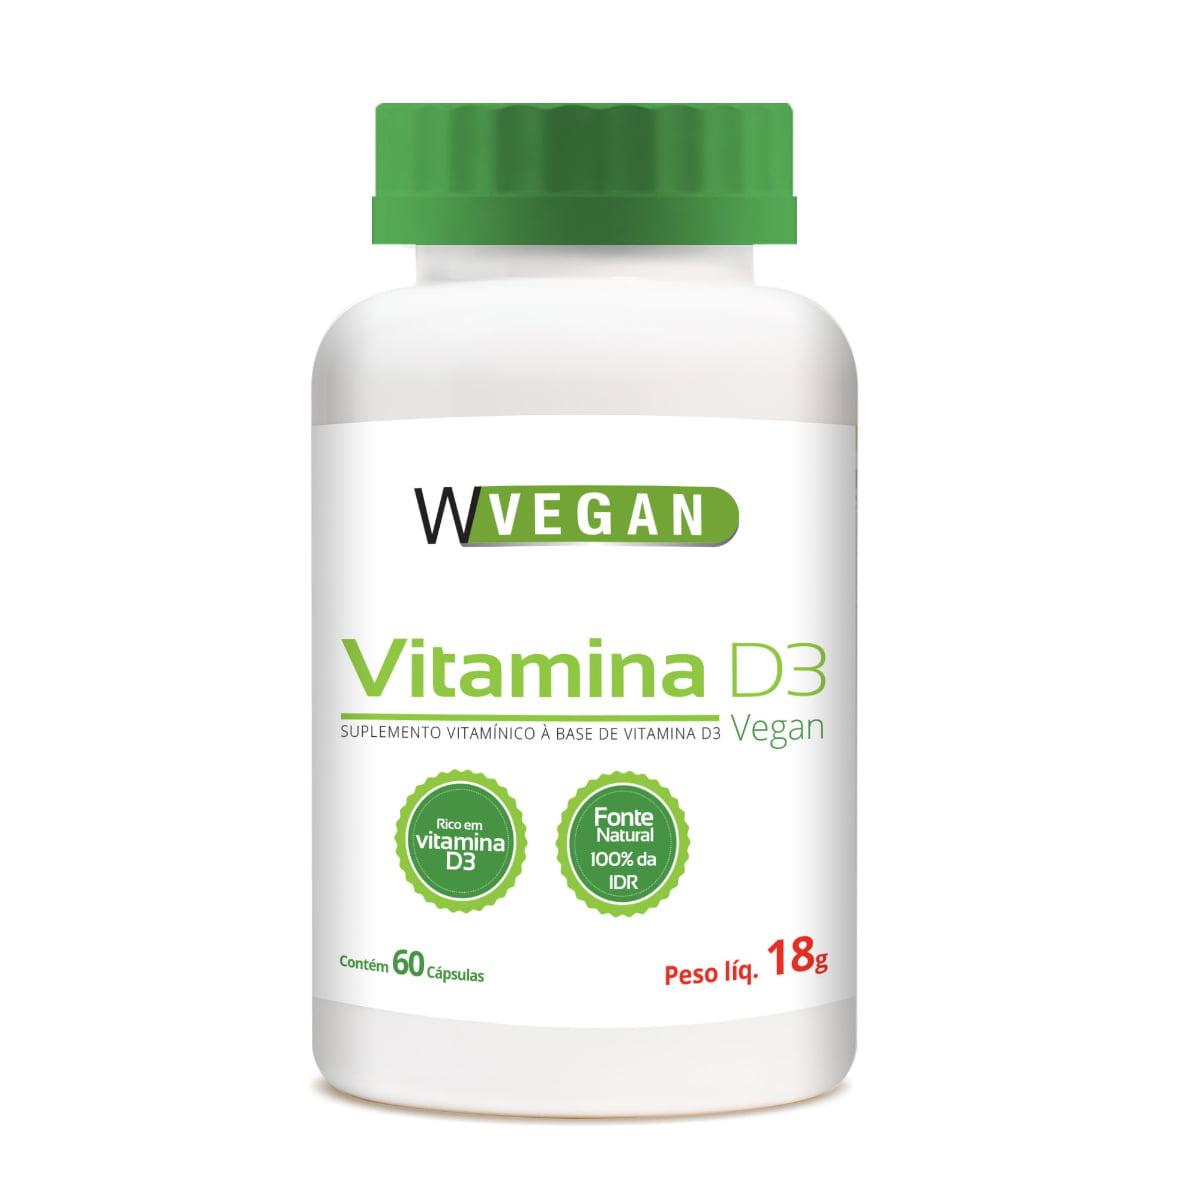 Vitamina D3 5mcg 60 capsulas WVegan